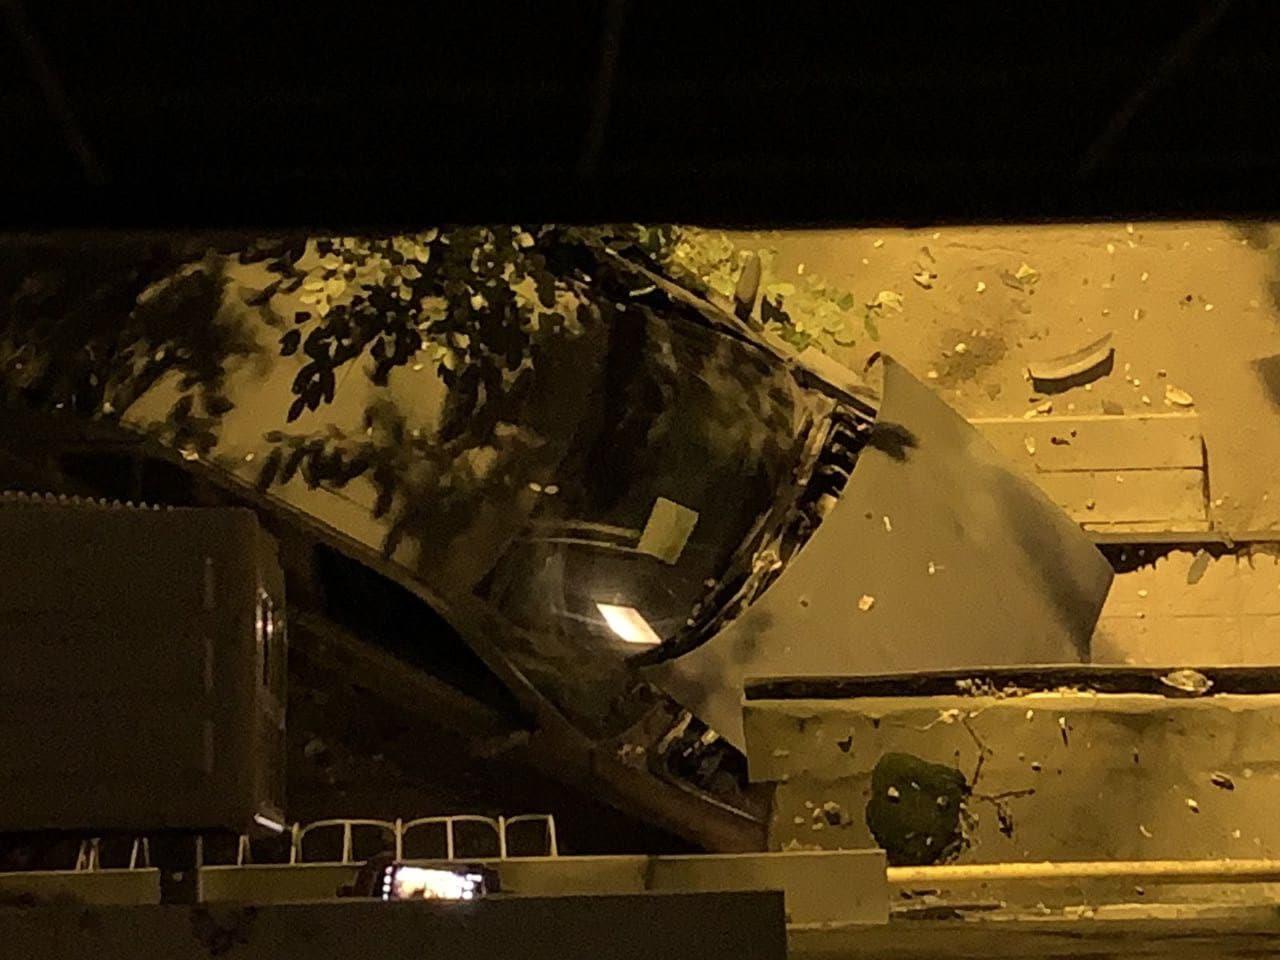 ДТП Харьков: BMW врезался в жилую пятиэтажку на Новых Домах